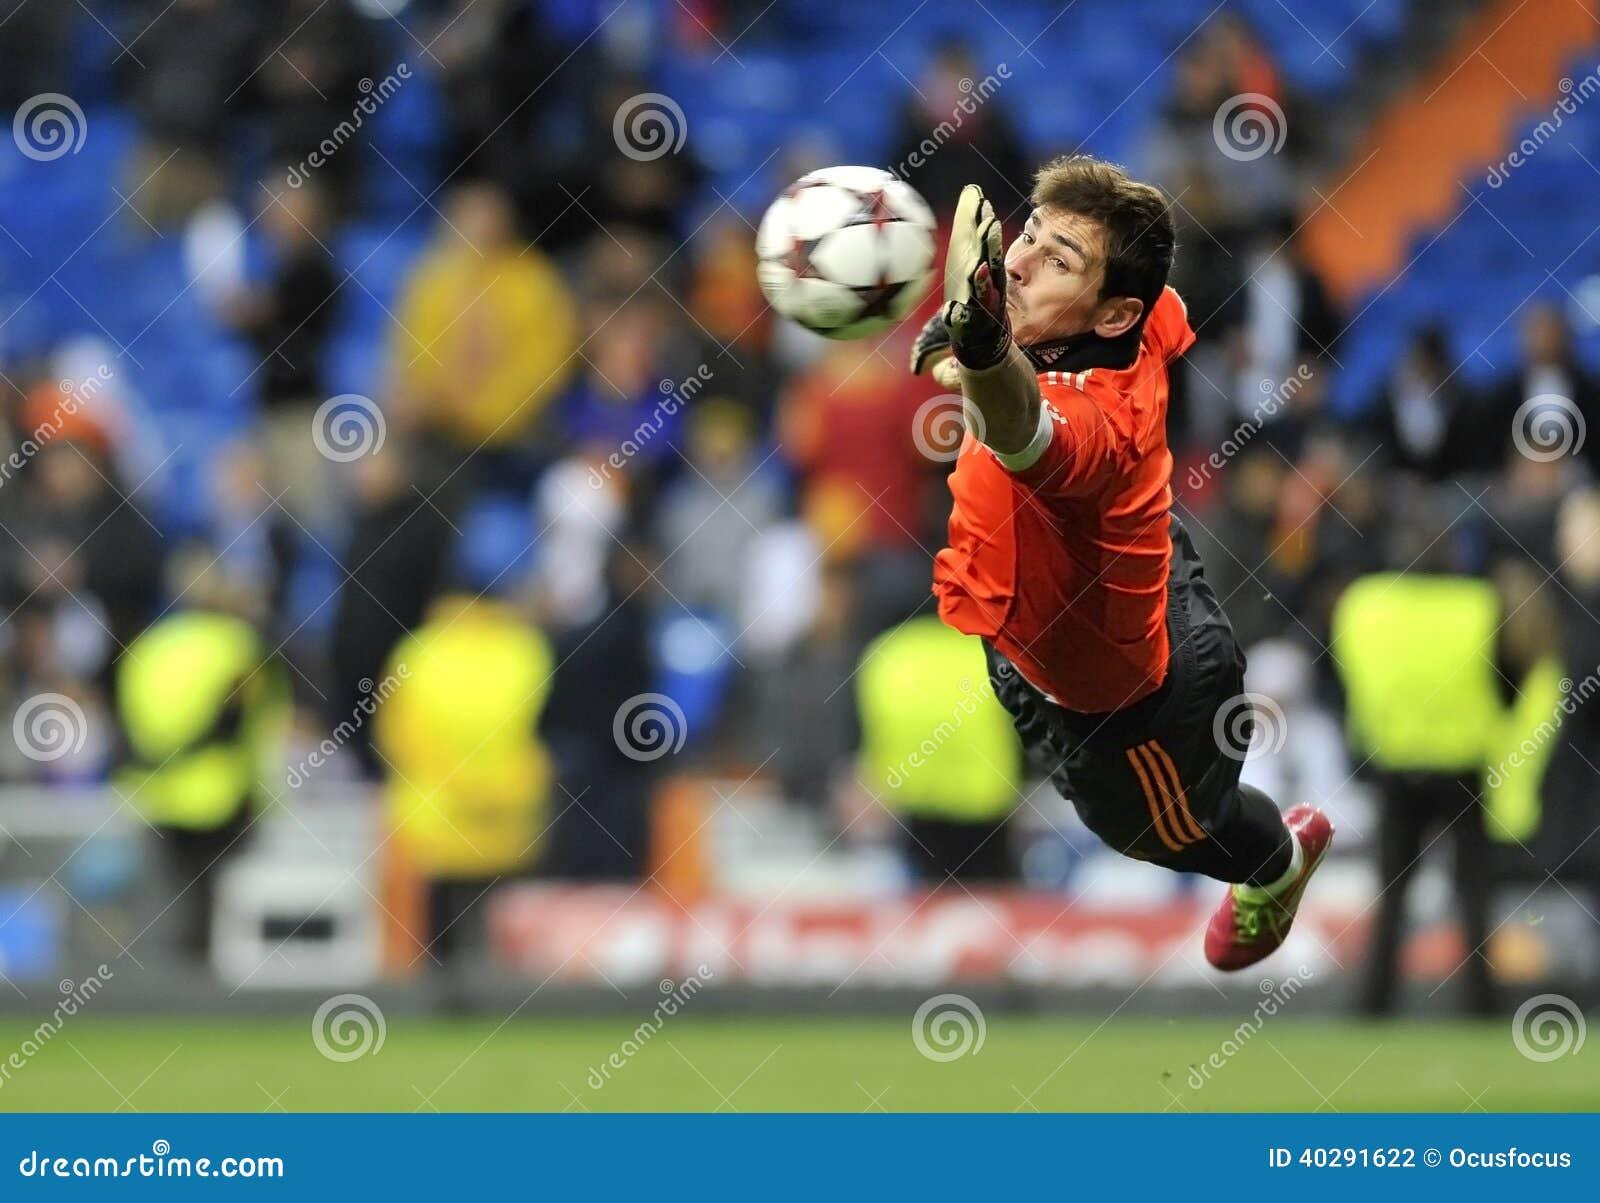 Spansk målvakt av Real Madrid Iker Casillas i handling